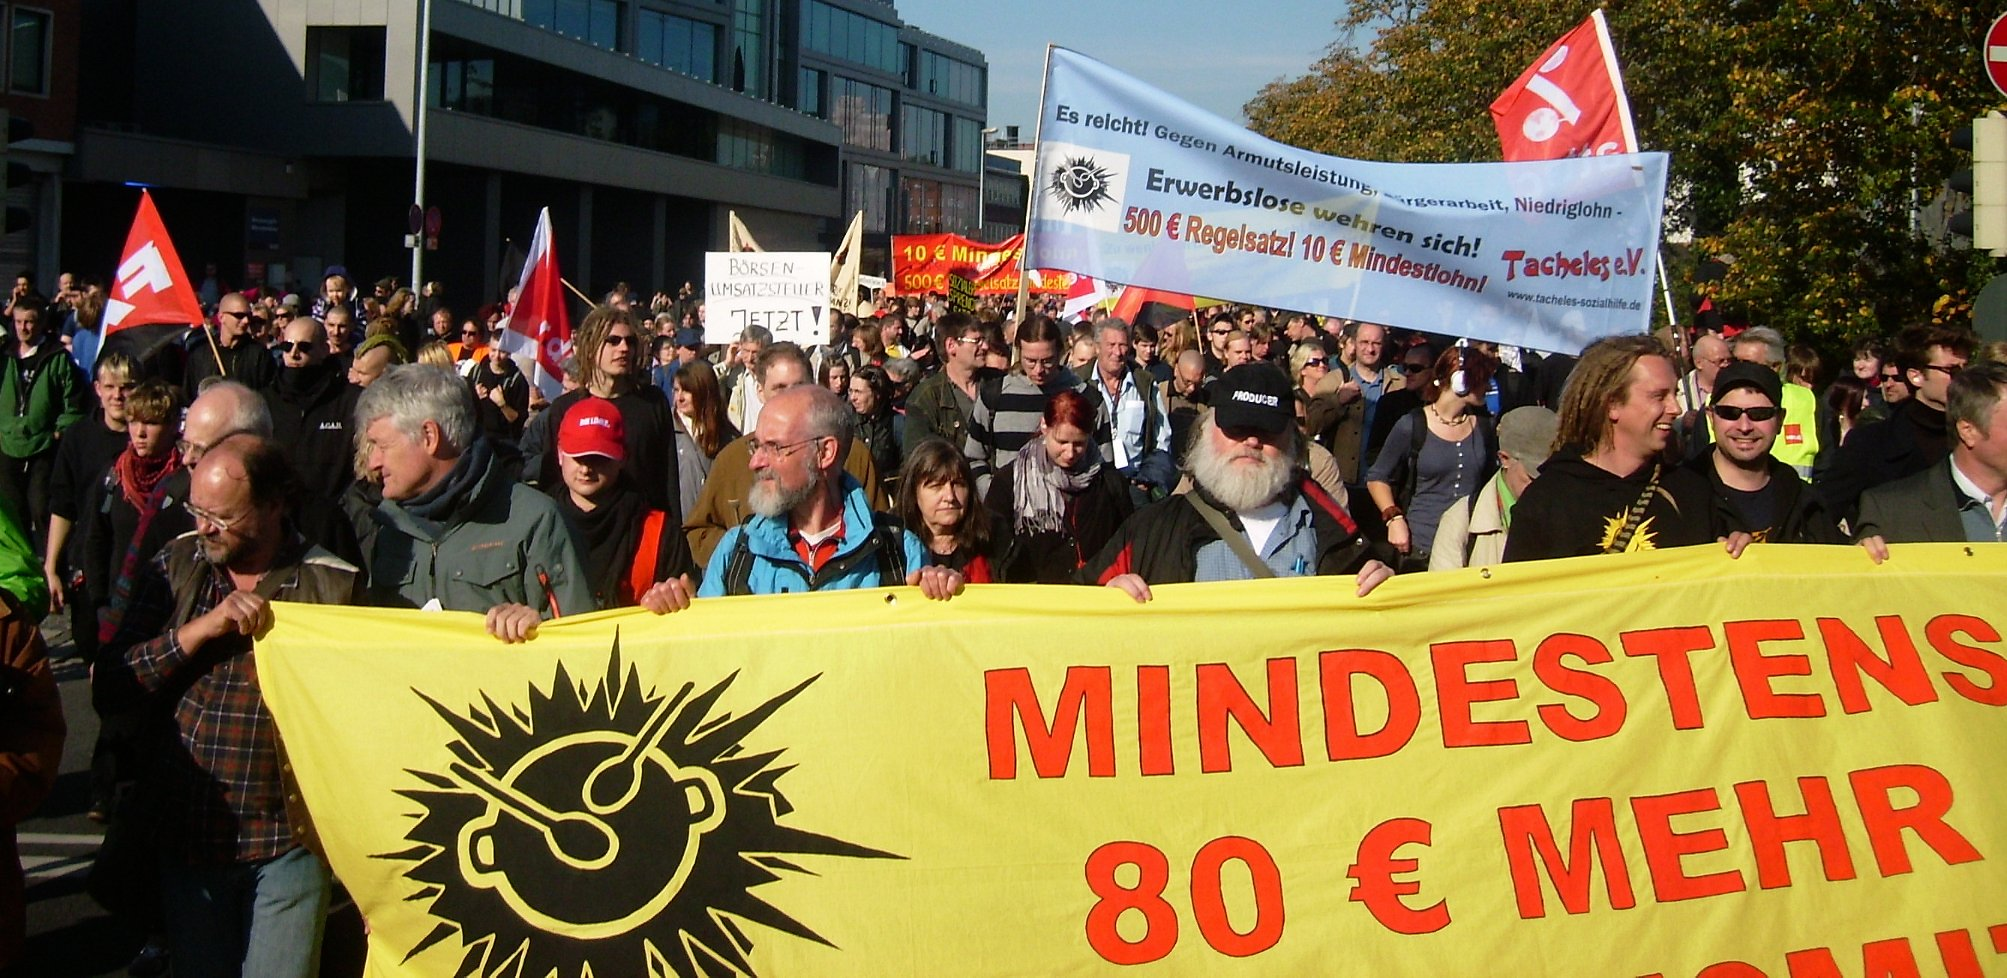 Bundesweite Erwerbslosendemonstration in Oldenburg am 10. Oktober 2010 (Quelle: Erwerbslosen Forum Deutschland)